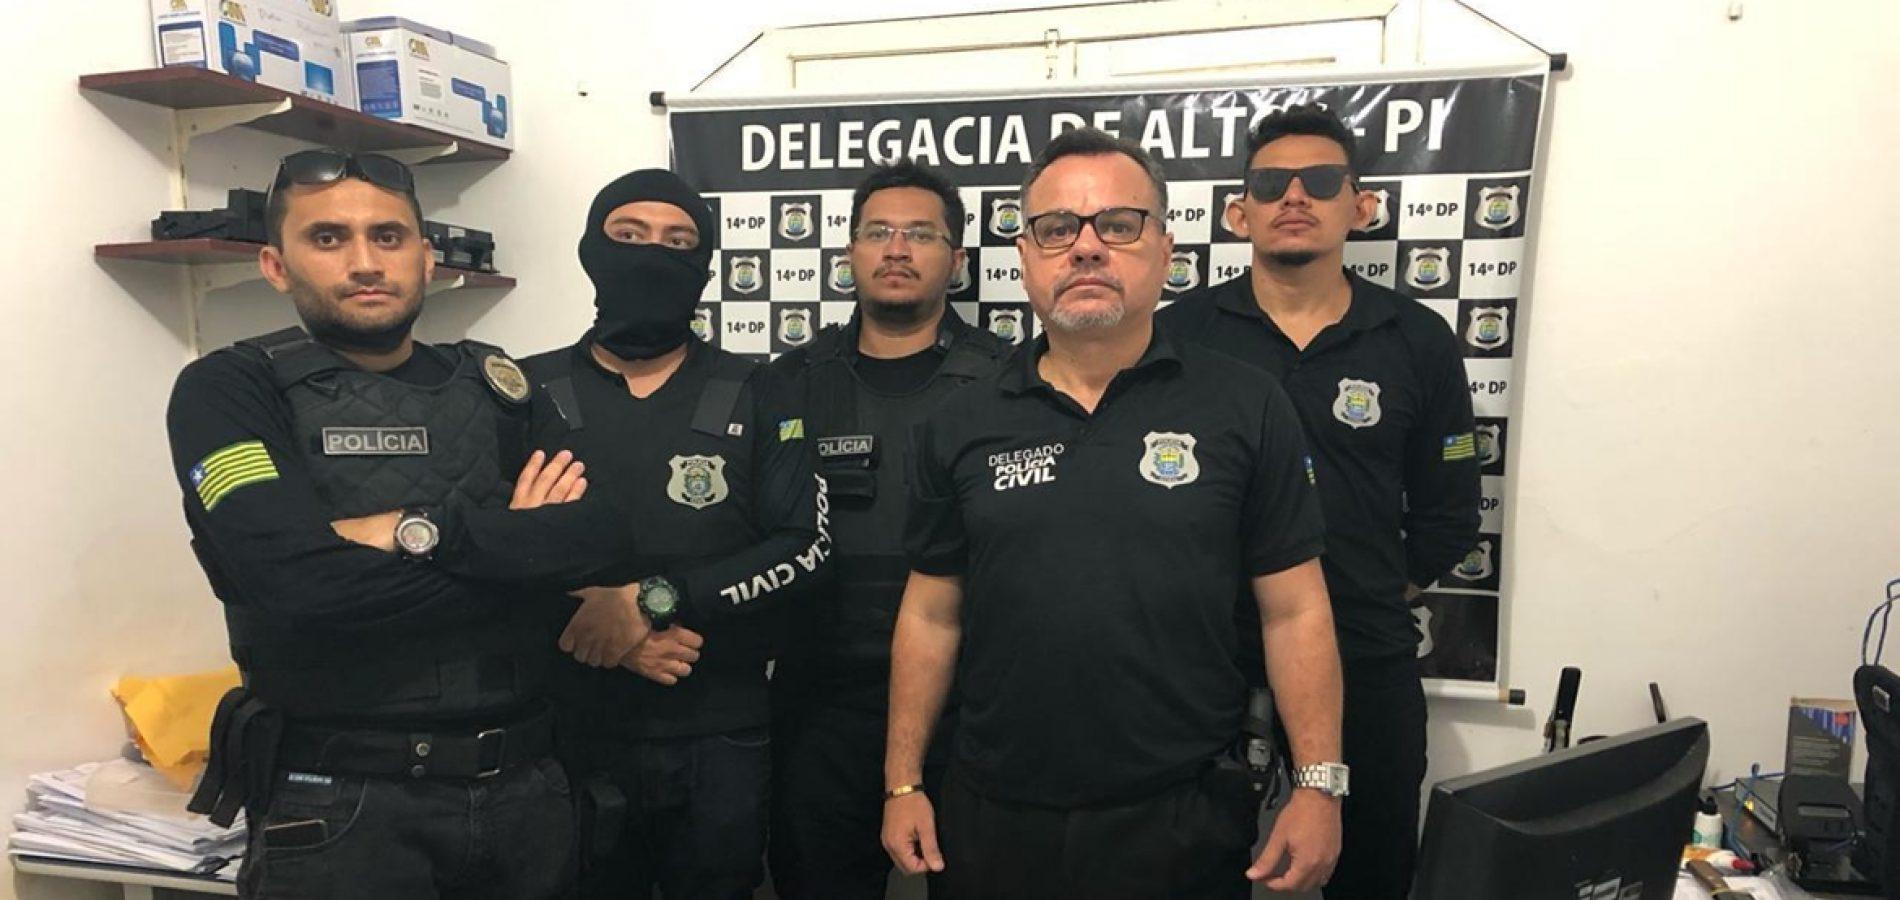 Ex-segurança da Caixa é preso suspeito de passar informações à quadrilha